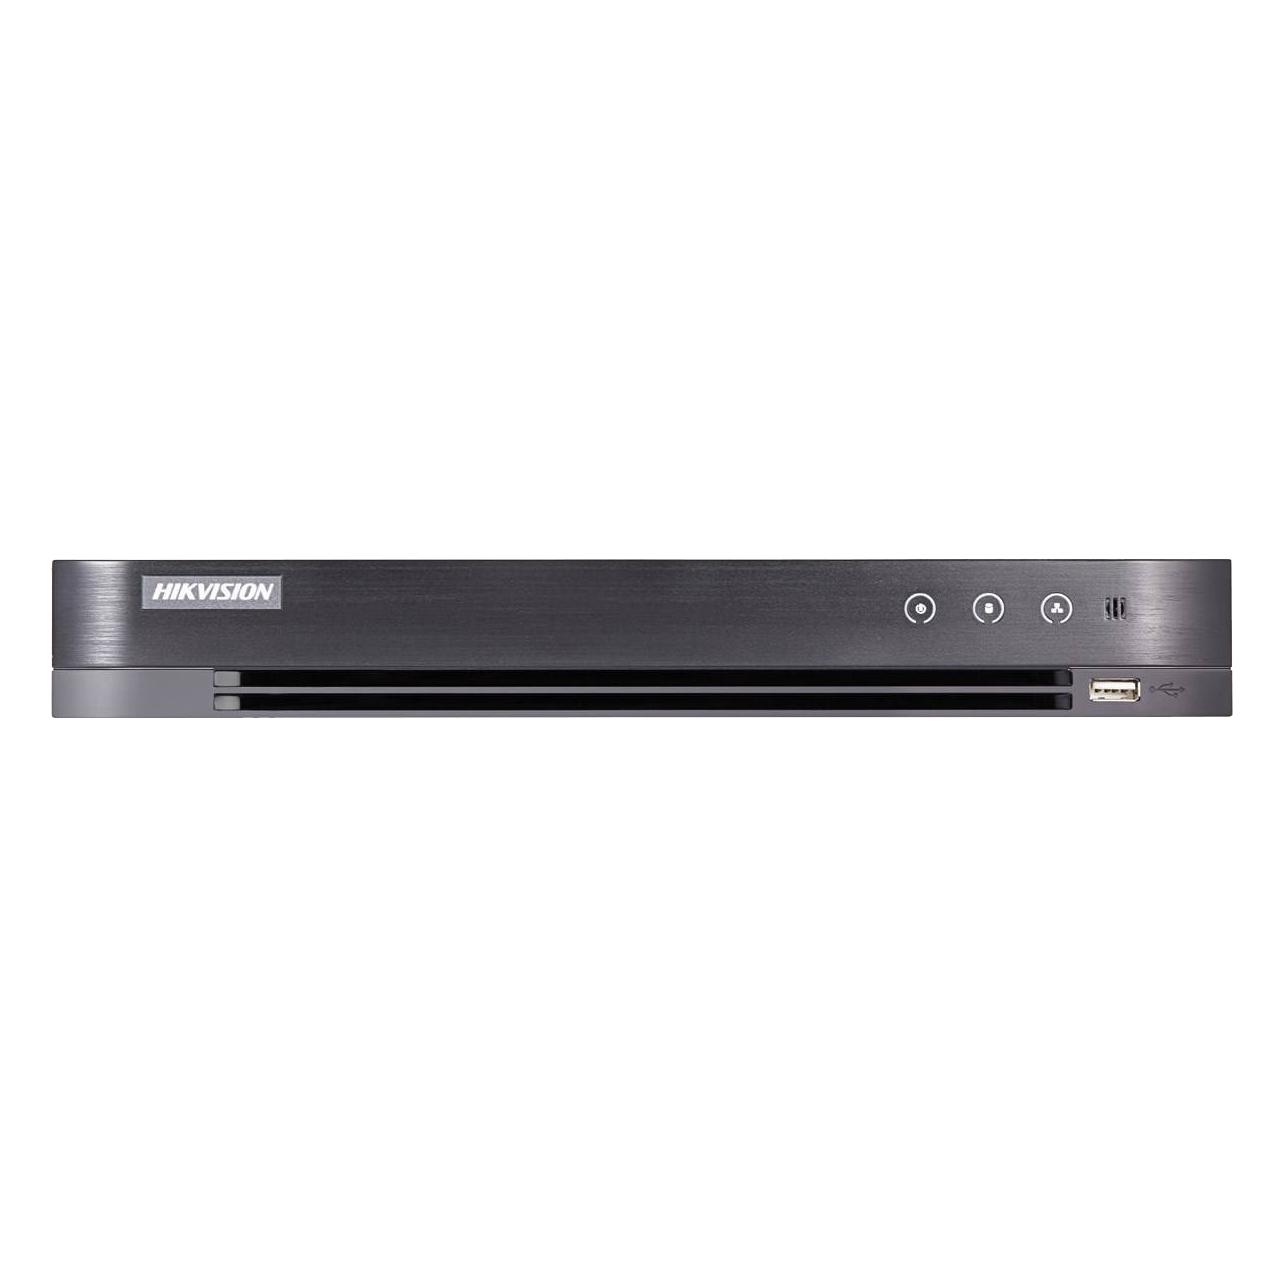 ضبط کننده ویدیویی تحت شبکه هایک ویژن مدل DS-7204HQHI-K1